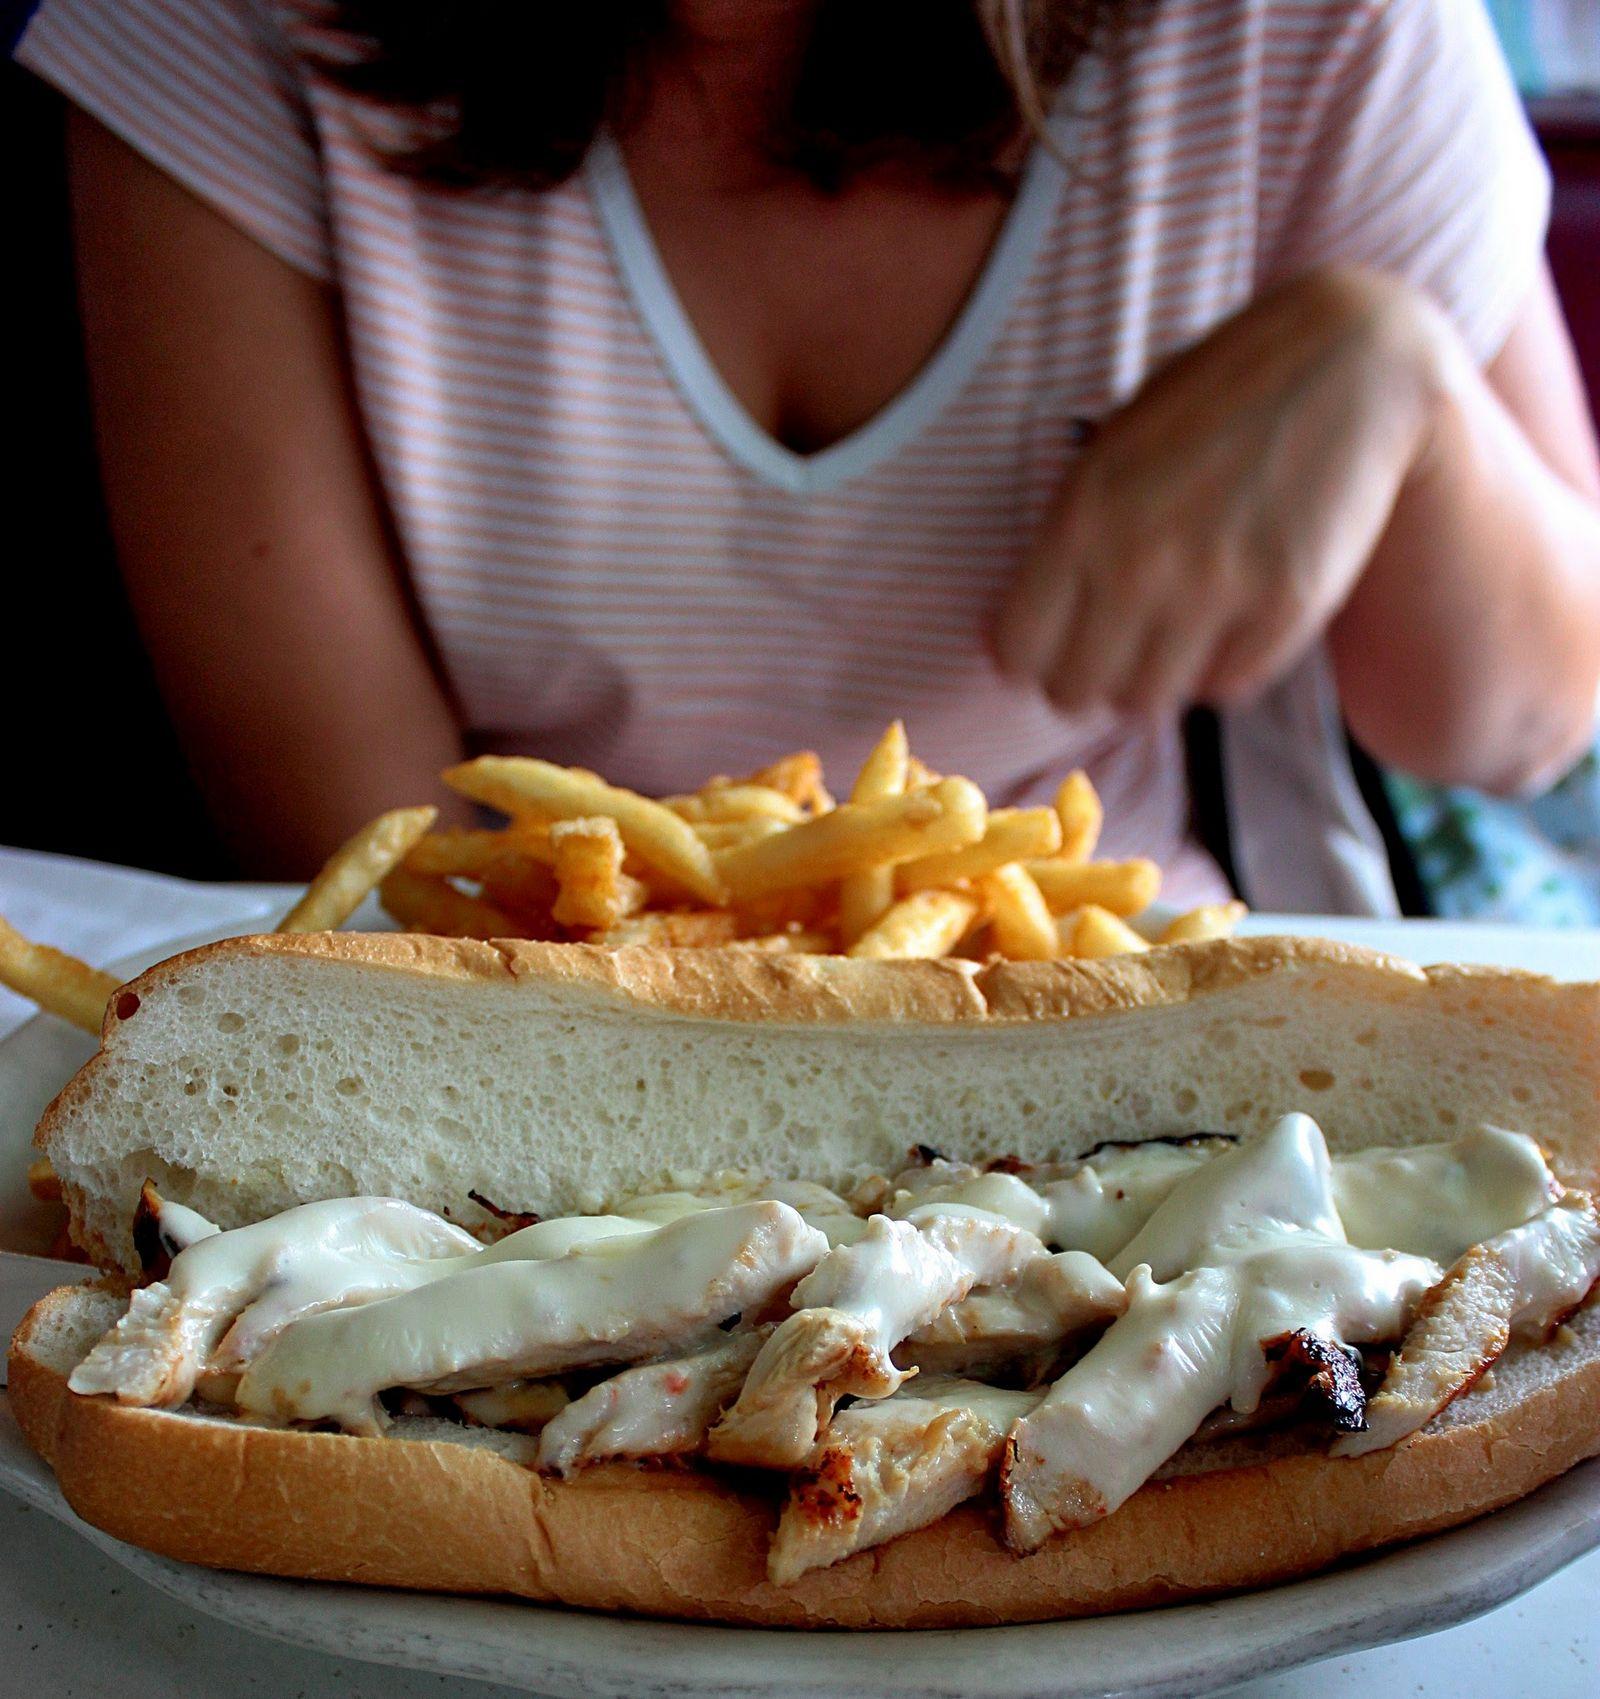 Sandwich de pollo a la parrilla, ¡doble arf!